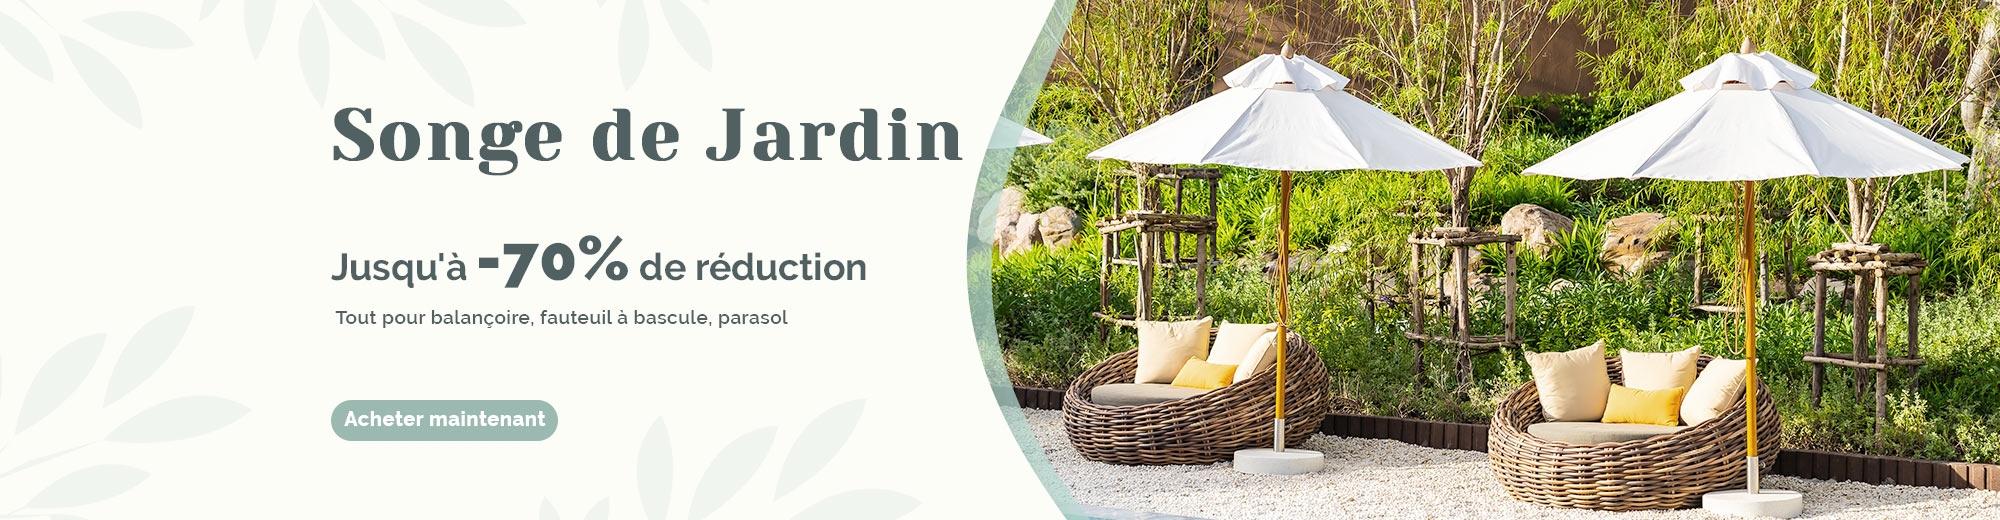 Redonnez une jeunesse à votre jardin avec la super remise! Découvrez notre offre spéciale jardin et profitez d'une livraison gratruite sur tout le site costway.fr!